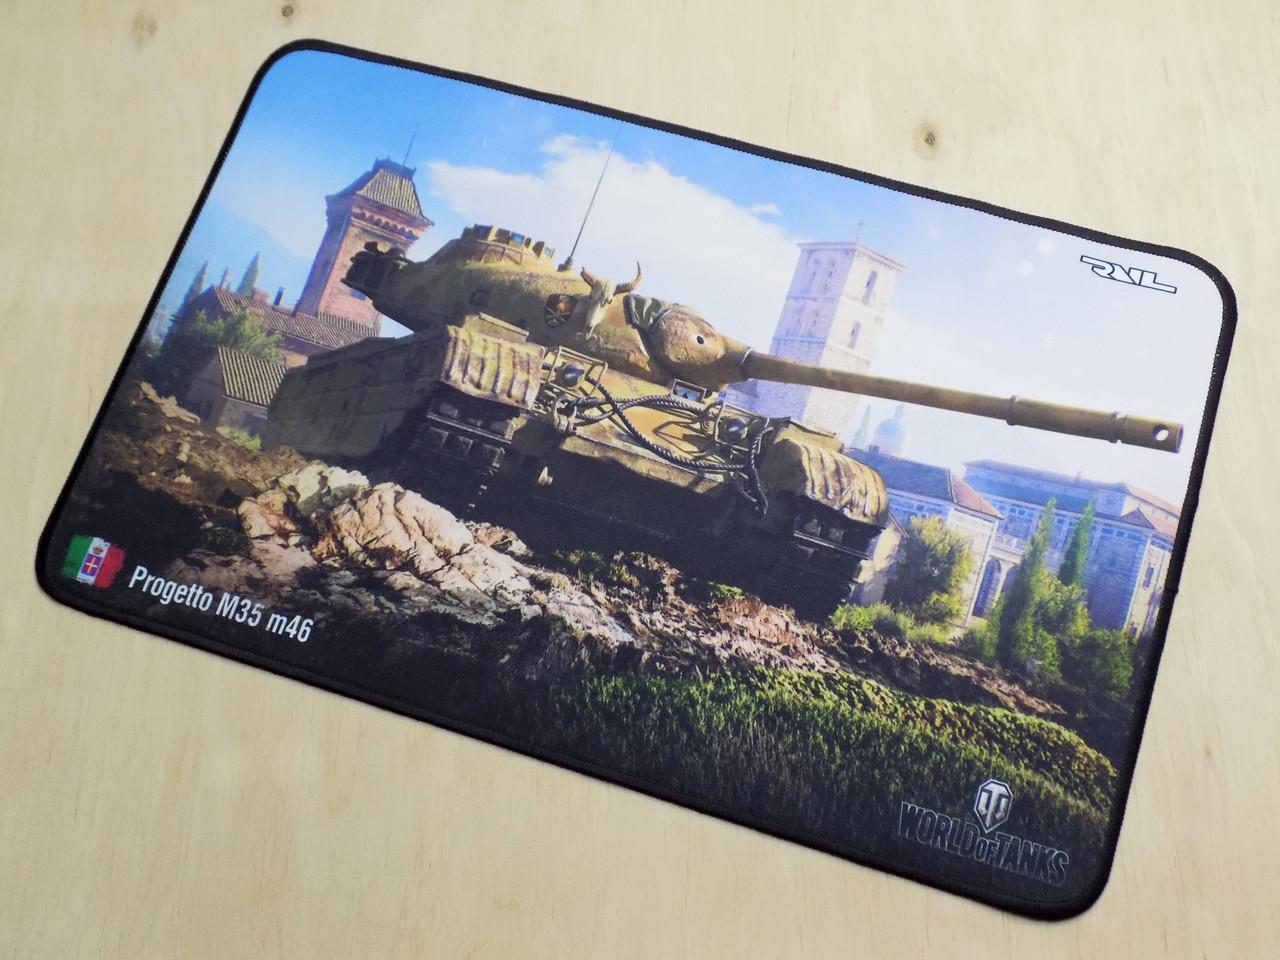 Коврик для мышки игровая поверхность танки RAIL World of Tanks Progetto M35m46